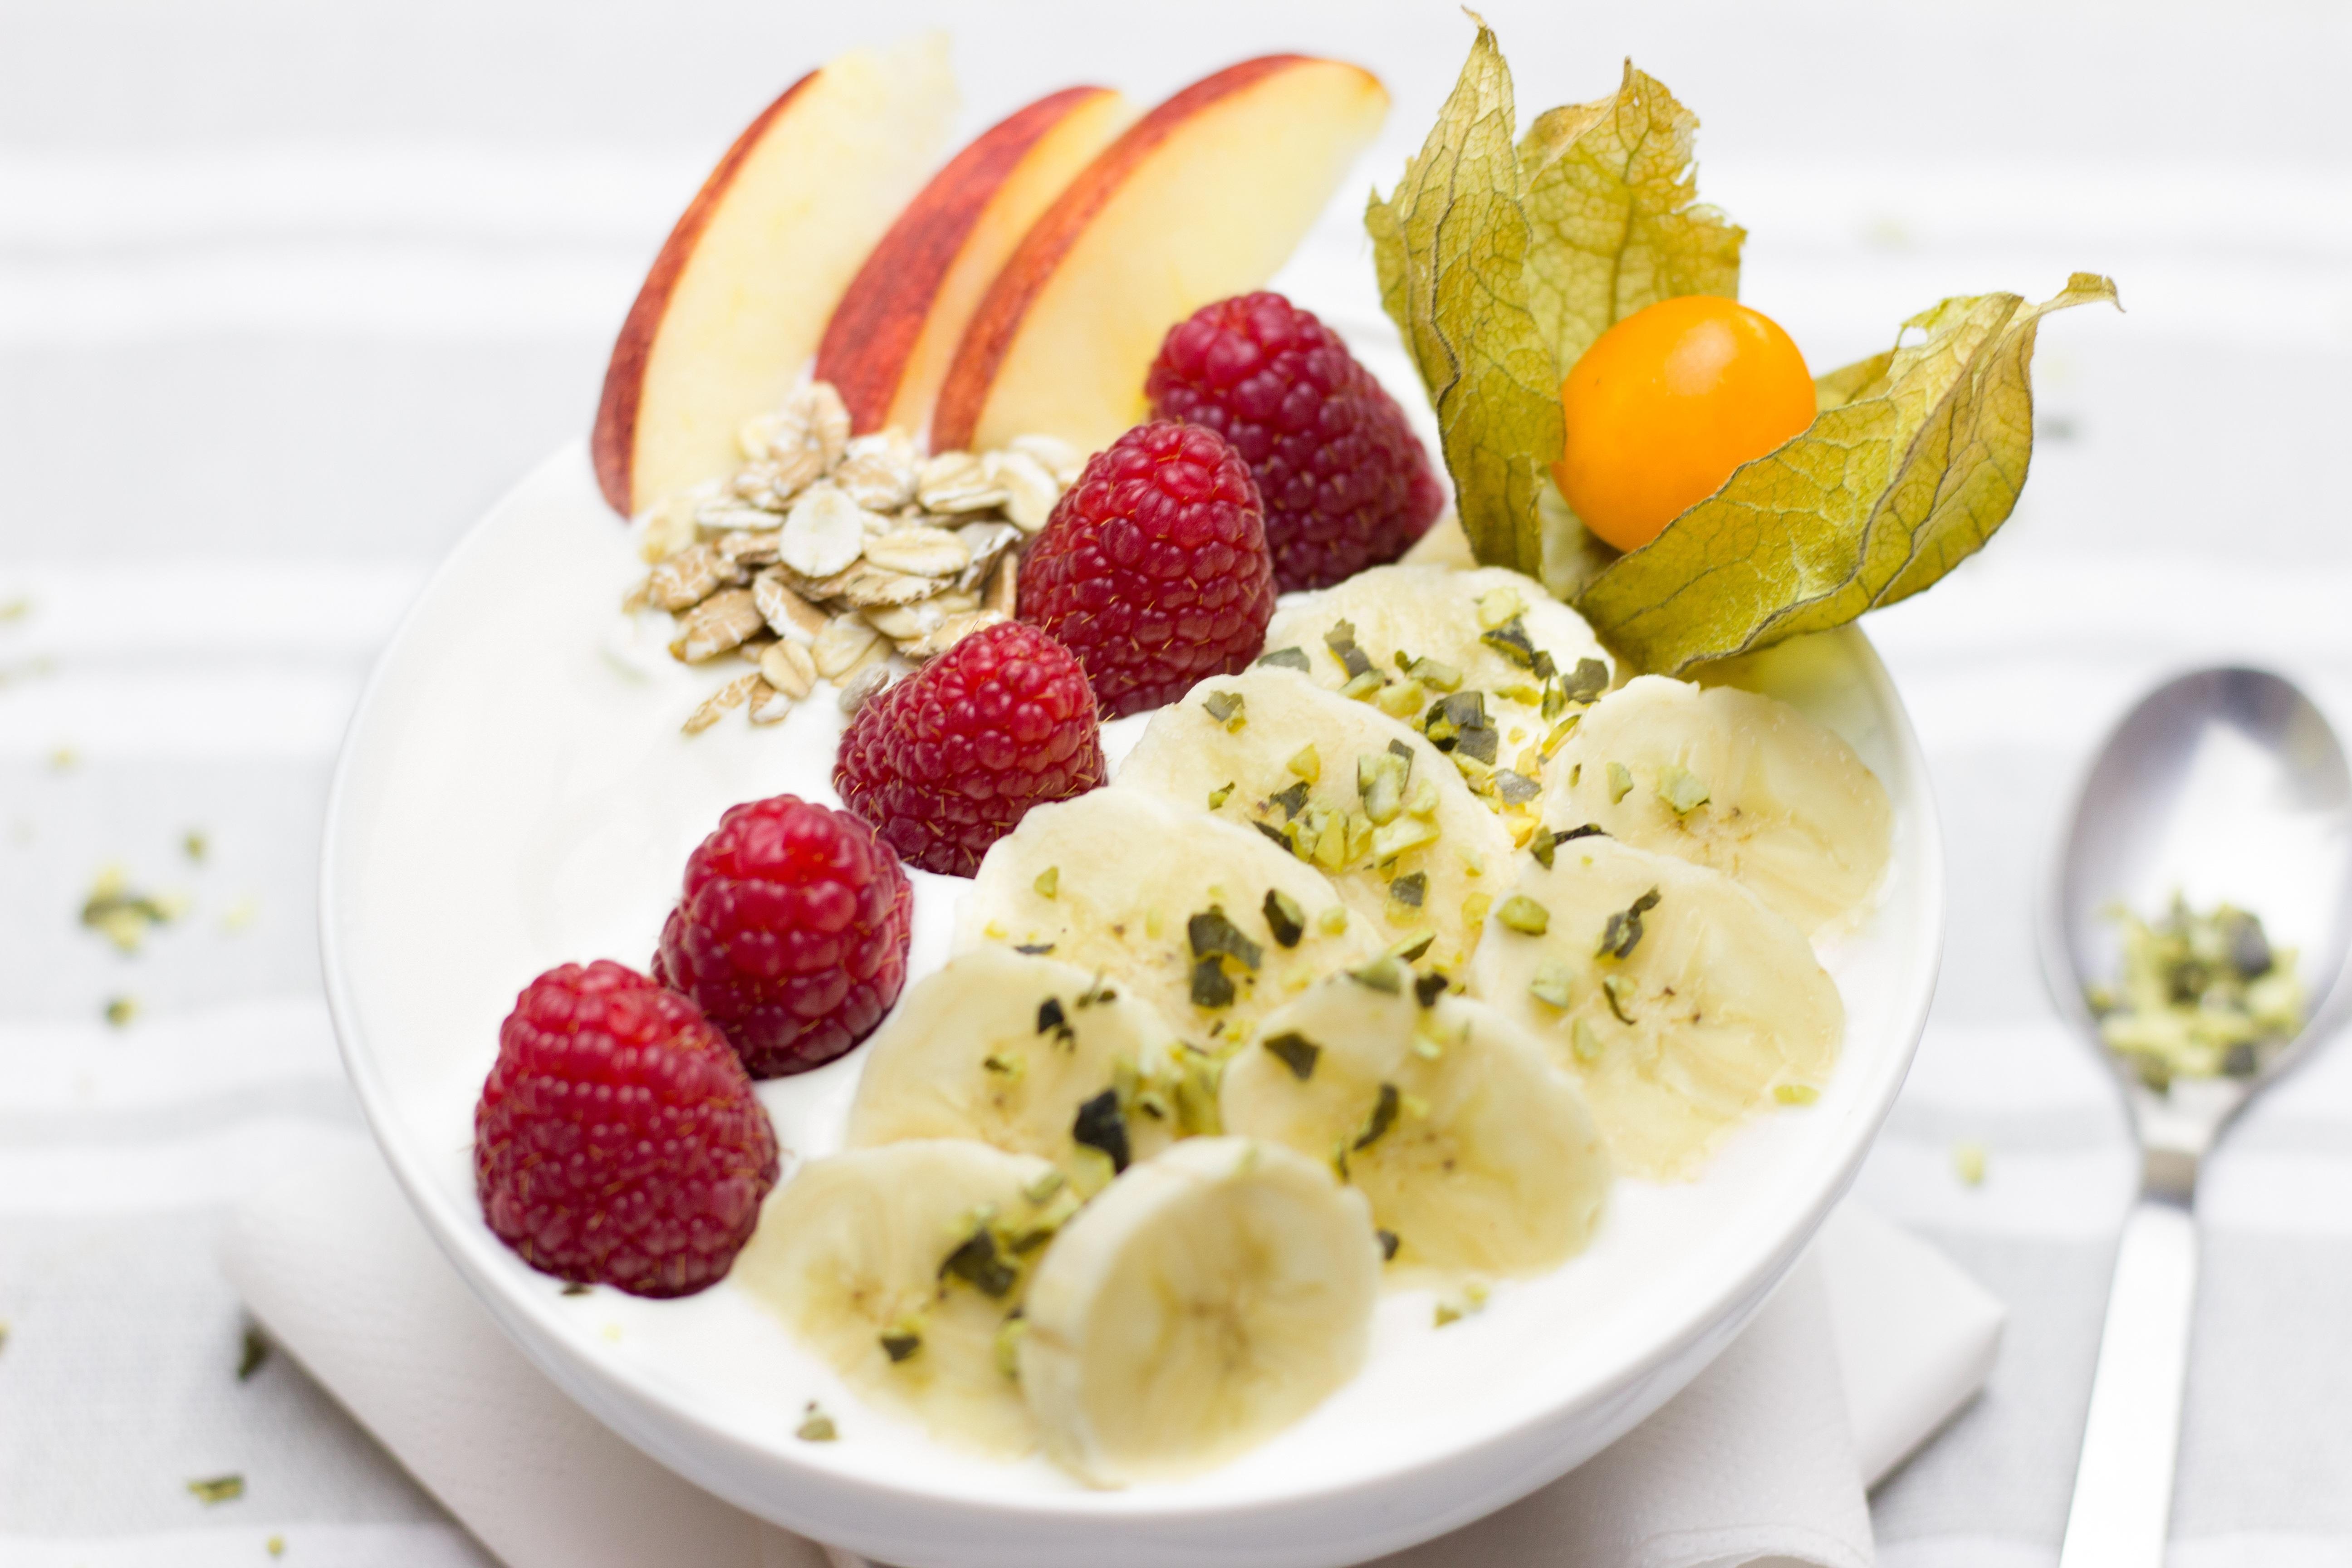 Meyveli Diyet Yoğurt